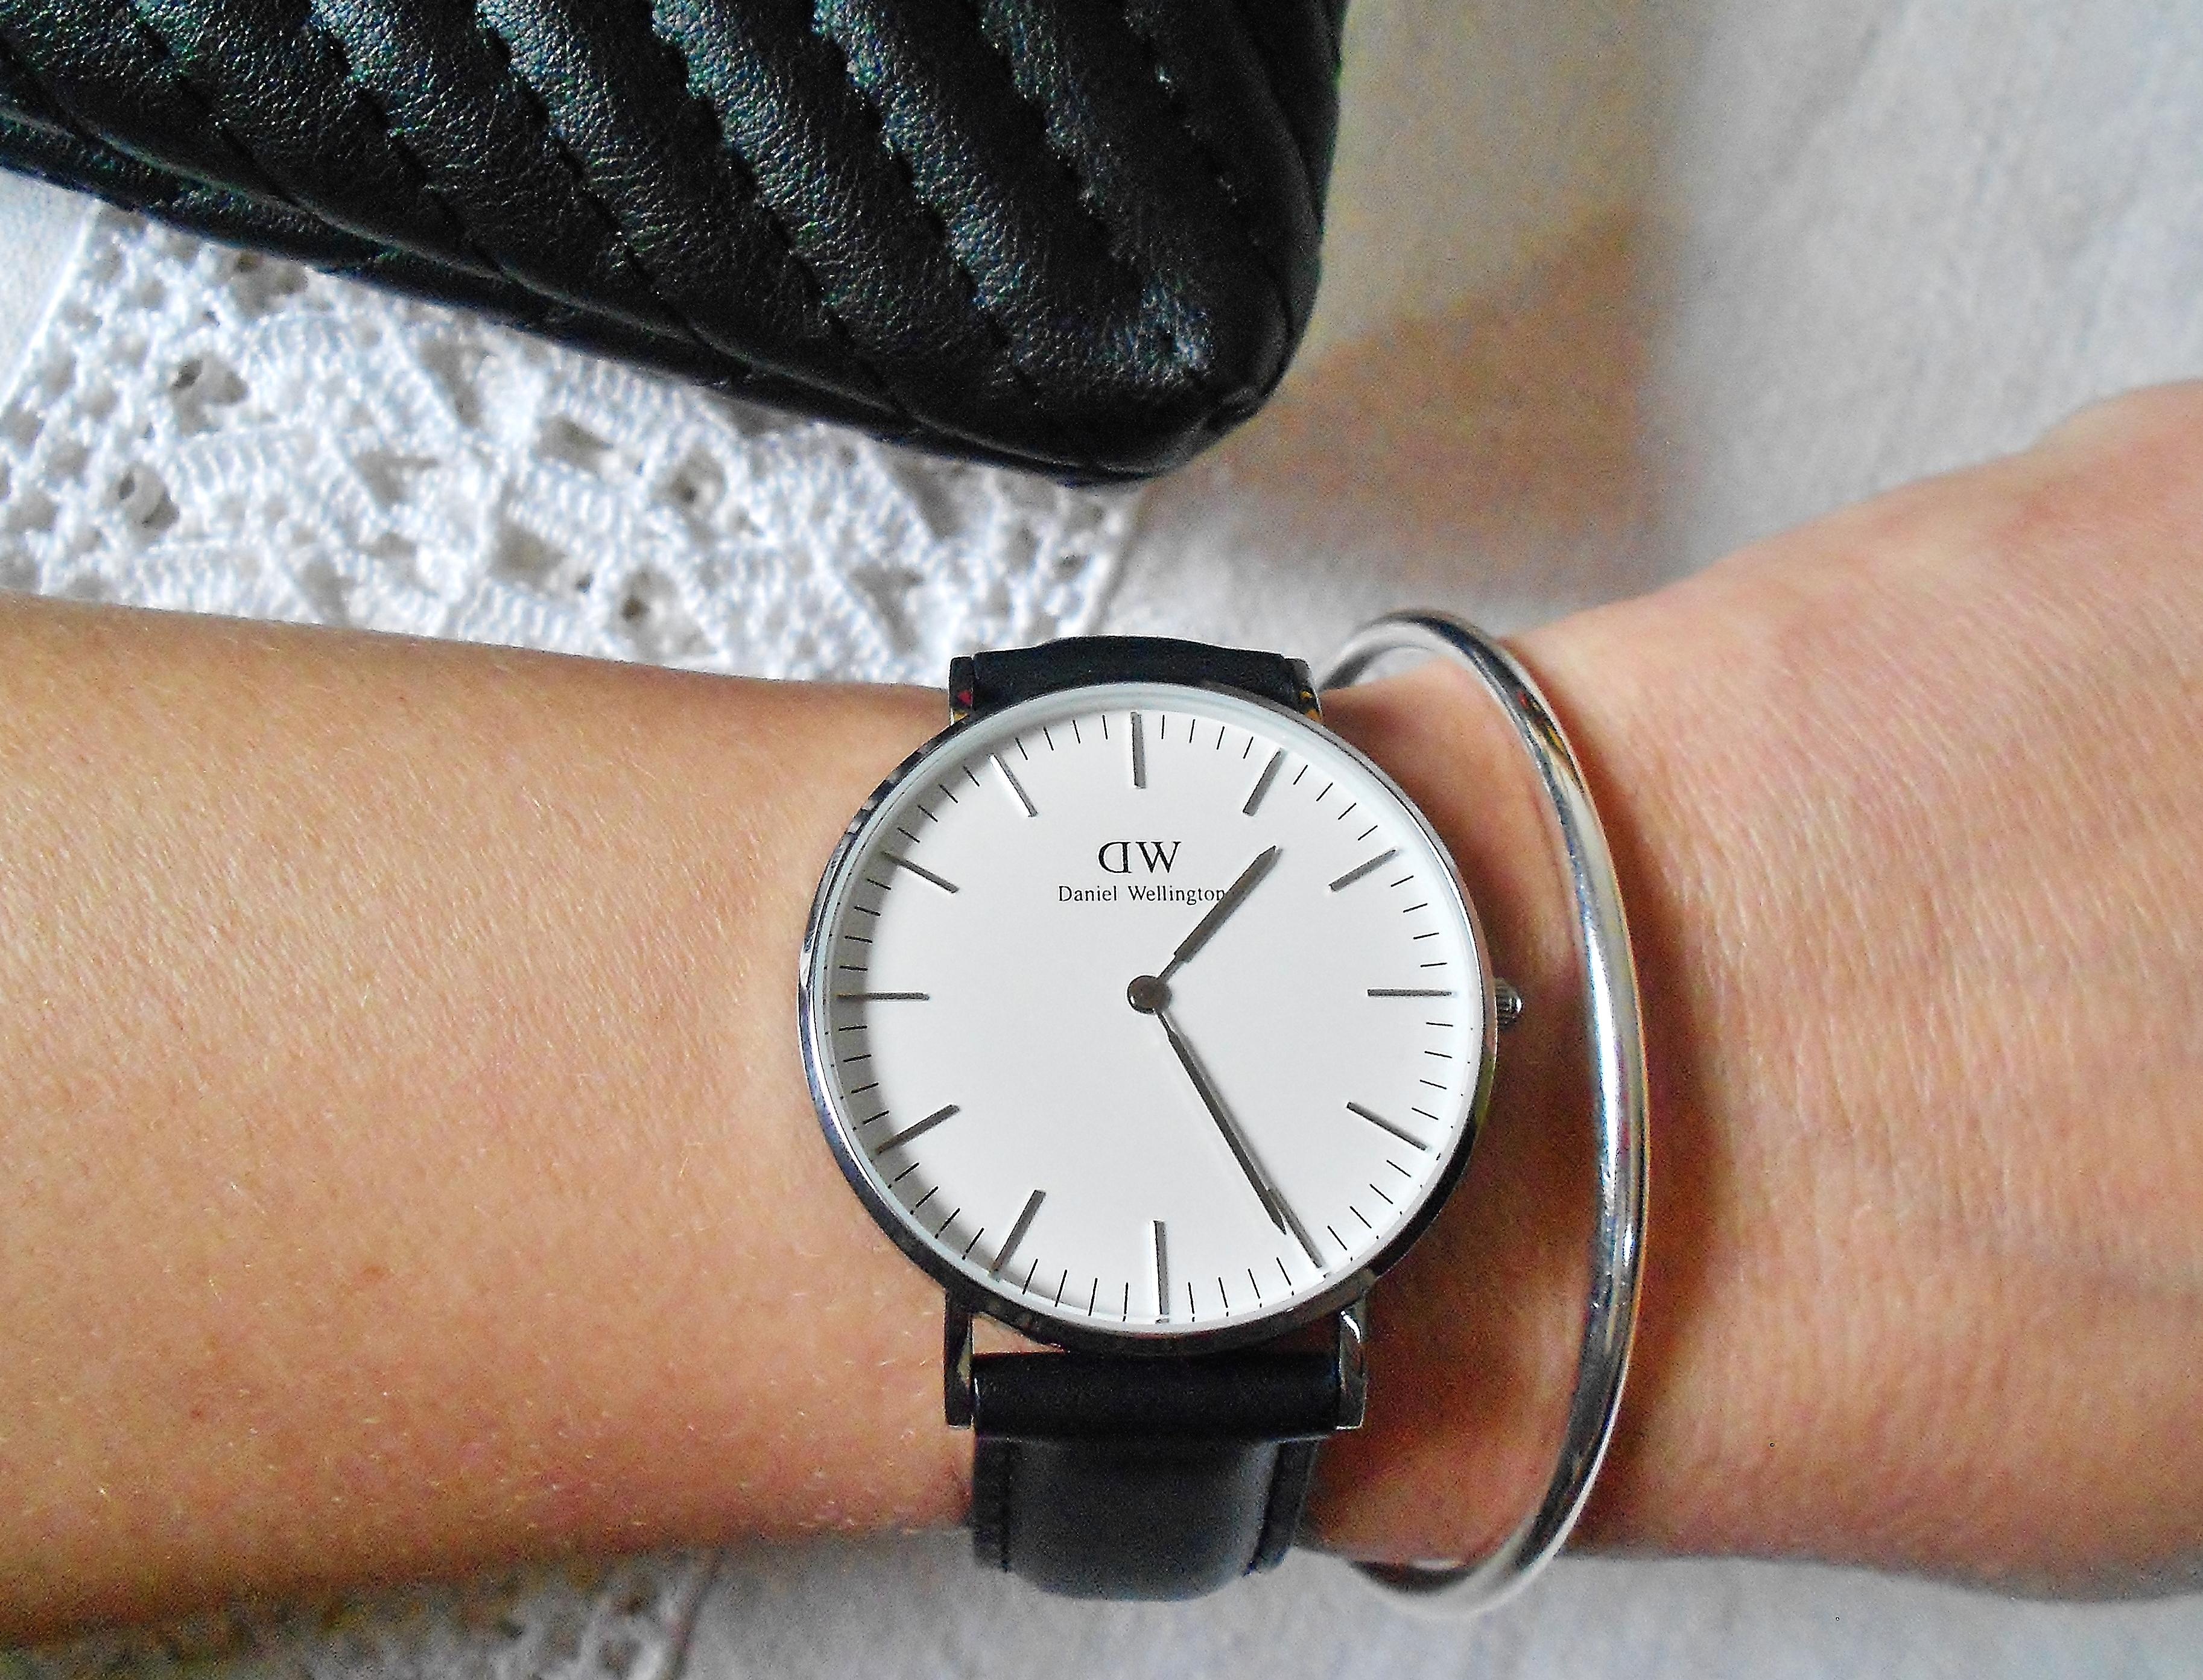 6f5785c4875 Arquivo de Relógios - Página 10 de 12 - Pormenores Blog